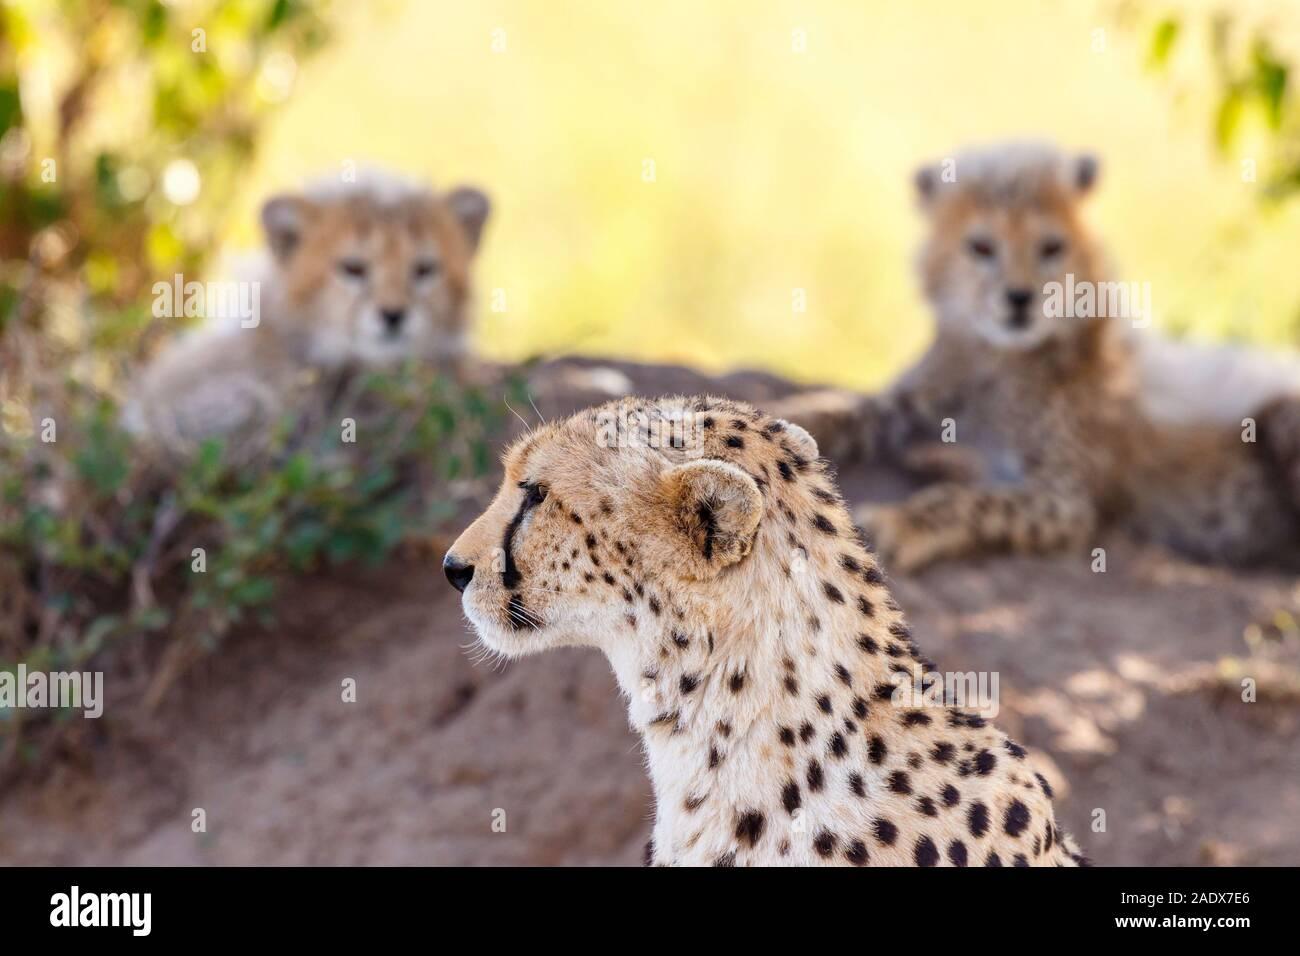 Atentos con los cachorros de guepardo en la sombra Foto de stock